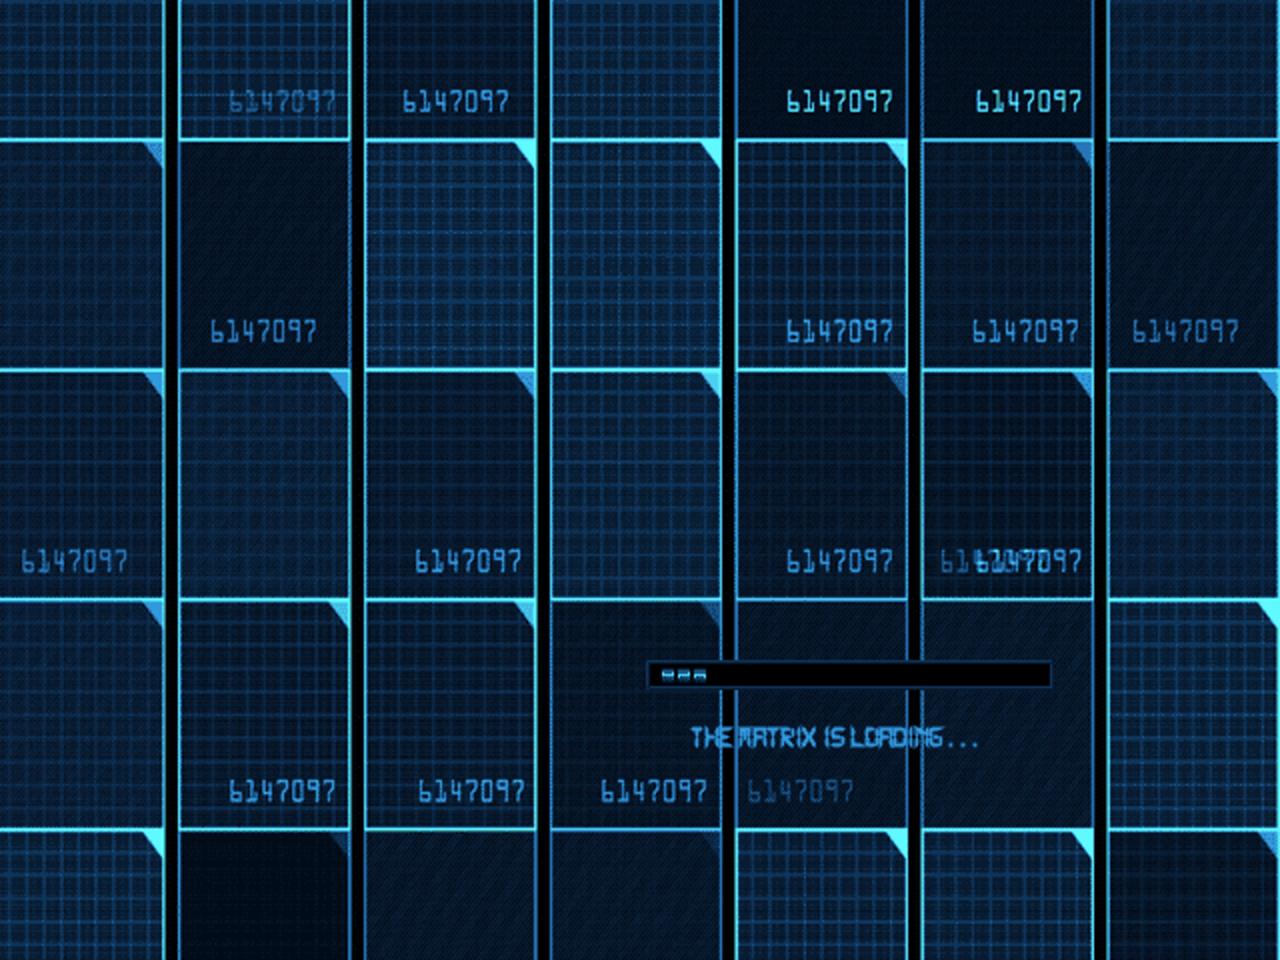 Digi-Matrix